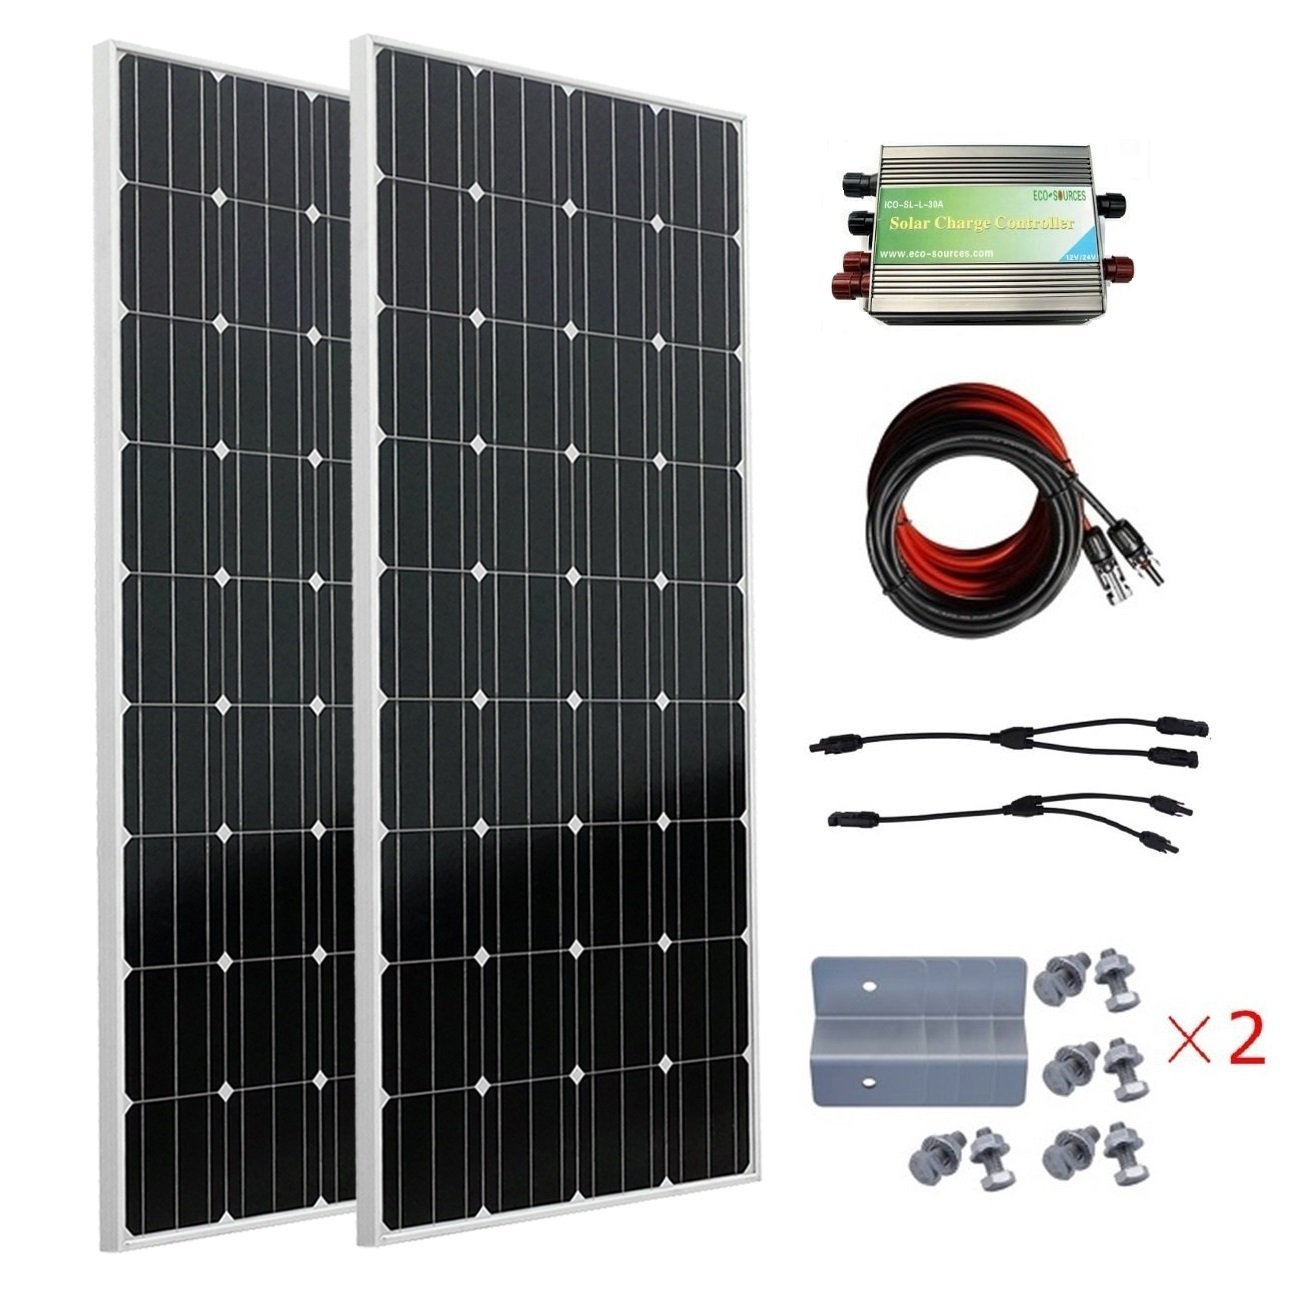 ECO-WORTHY 300W Mono Solarmodule Offgrid Bausatz - 2 X 150 Watt Photovoltaik Solarpanel W/ 30A Laderegler zum Aufladen von 12/24V Batterien